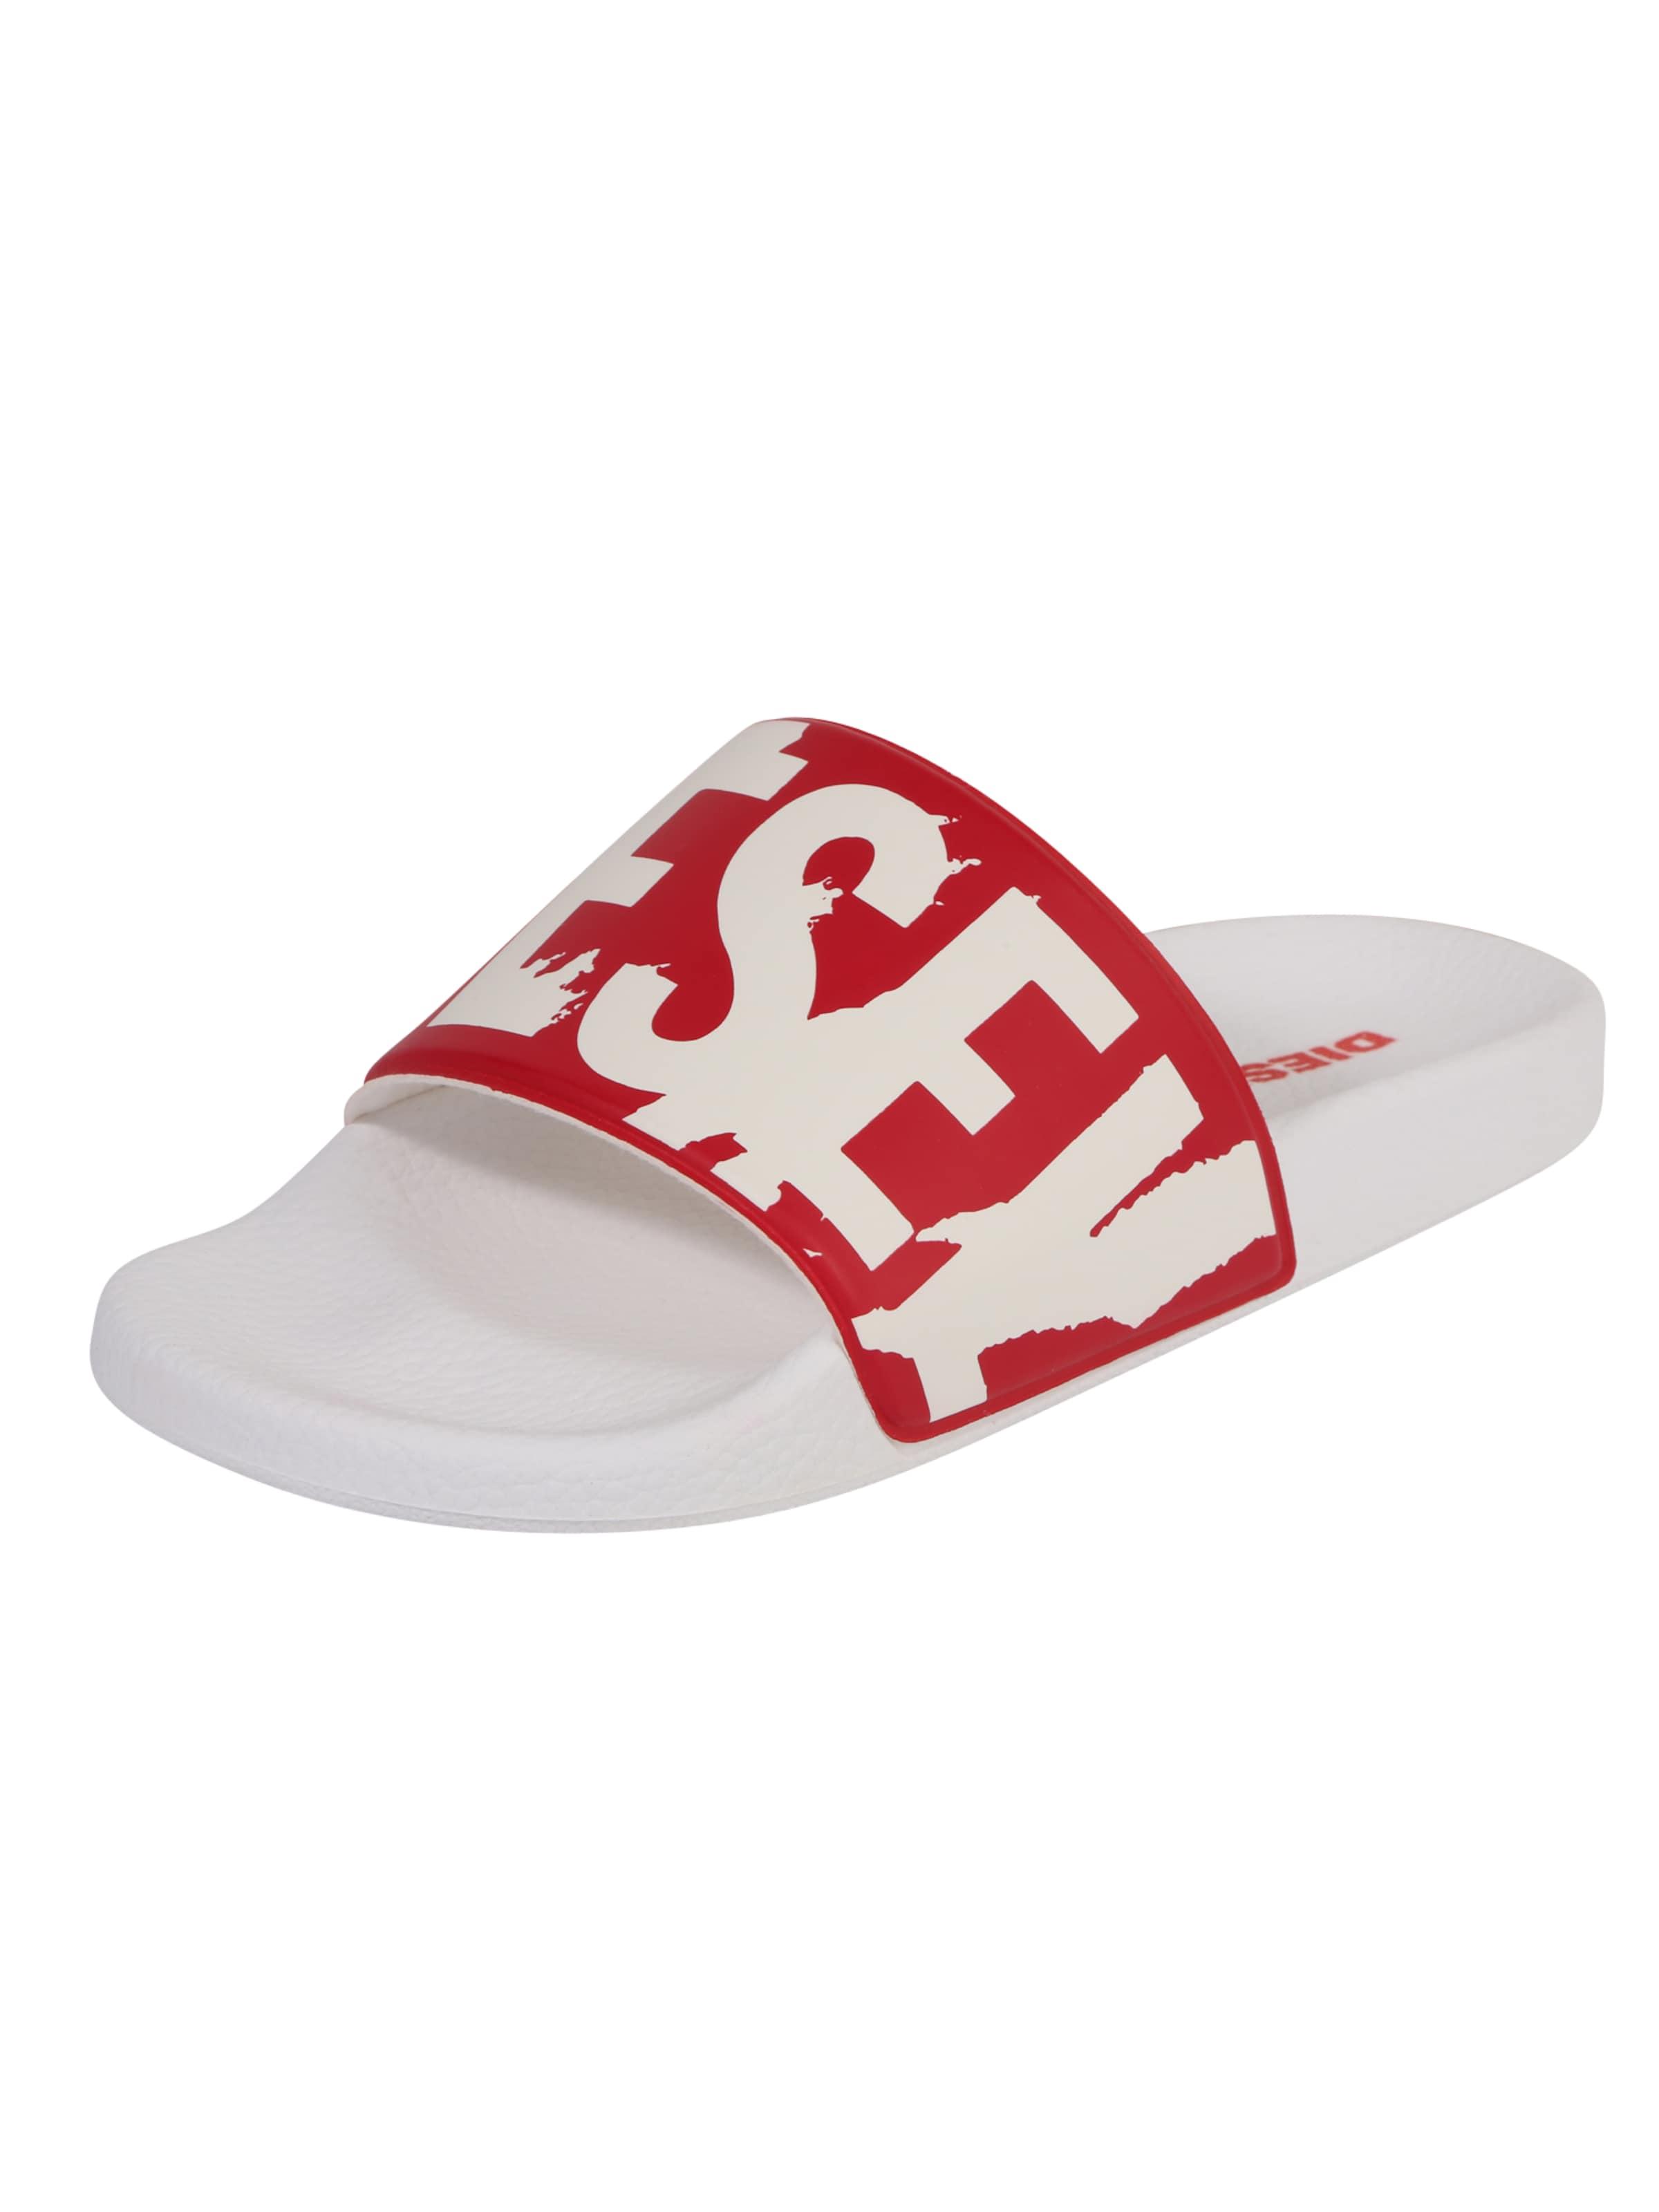 DIESEL Pantoletten SA-MARAL Verschleißfeste billige Schuhe